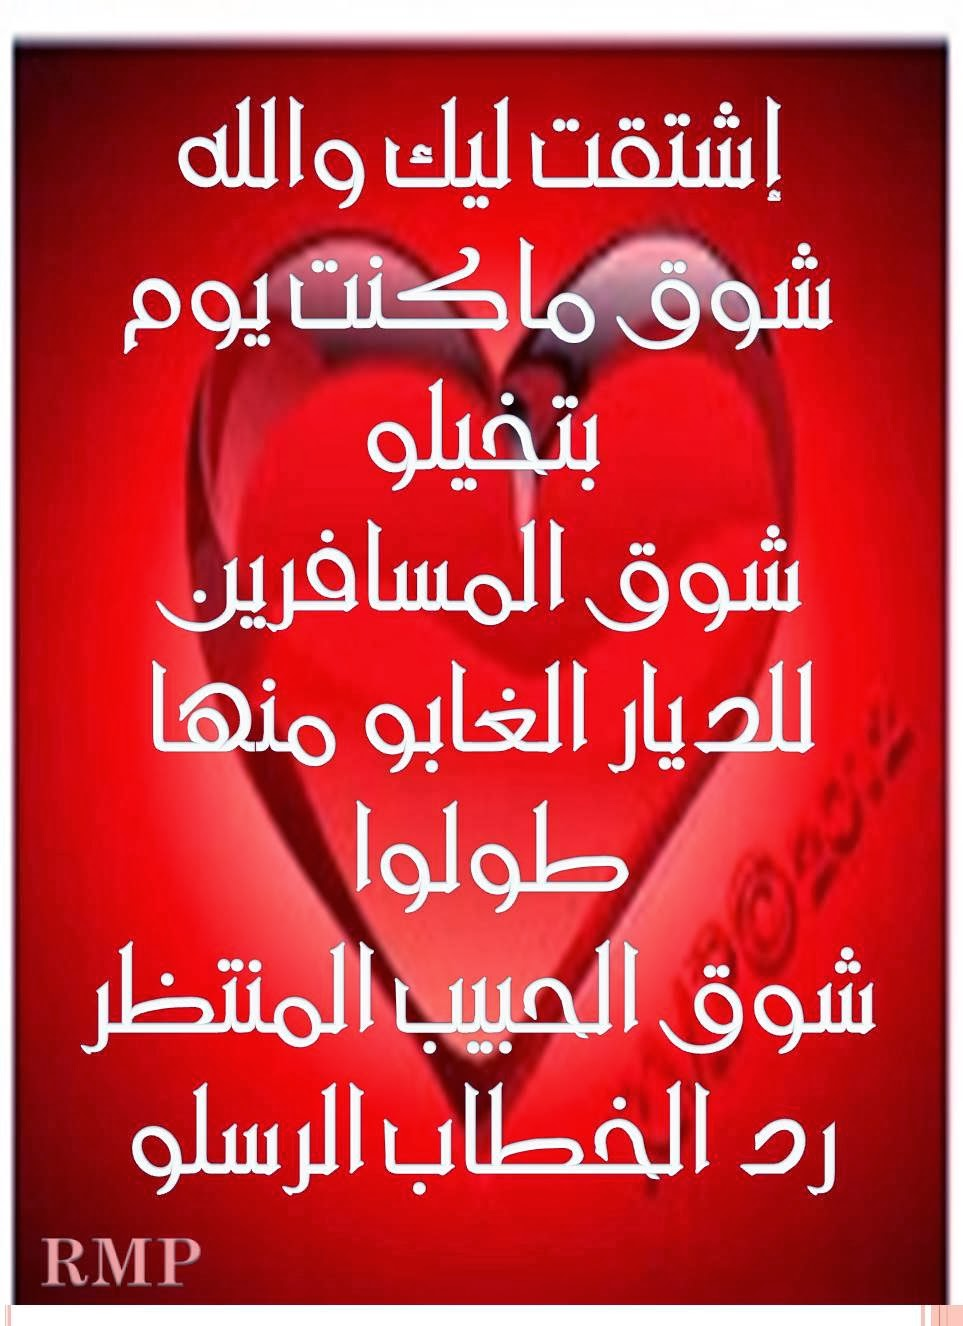 صور شعر سوداني عن الشوق , اجمل الاشعار المعبرة عن الشوق